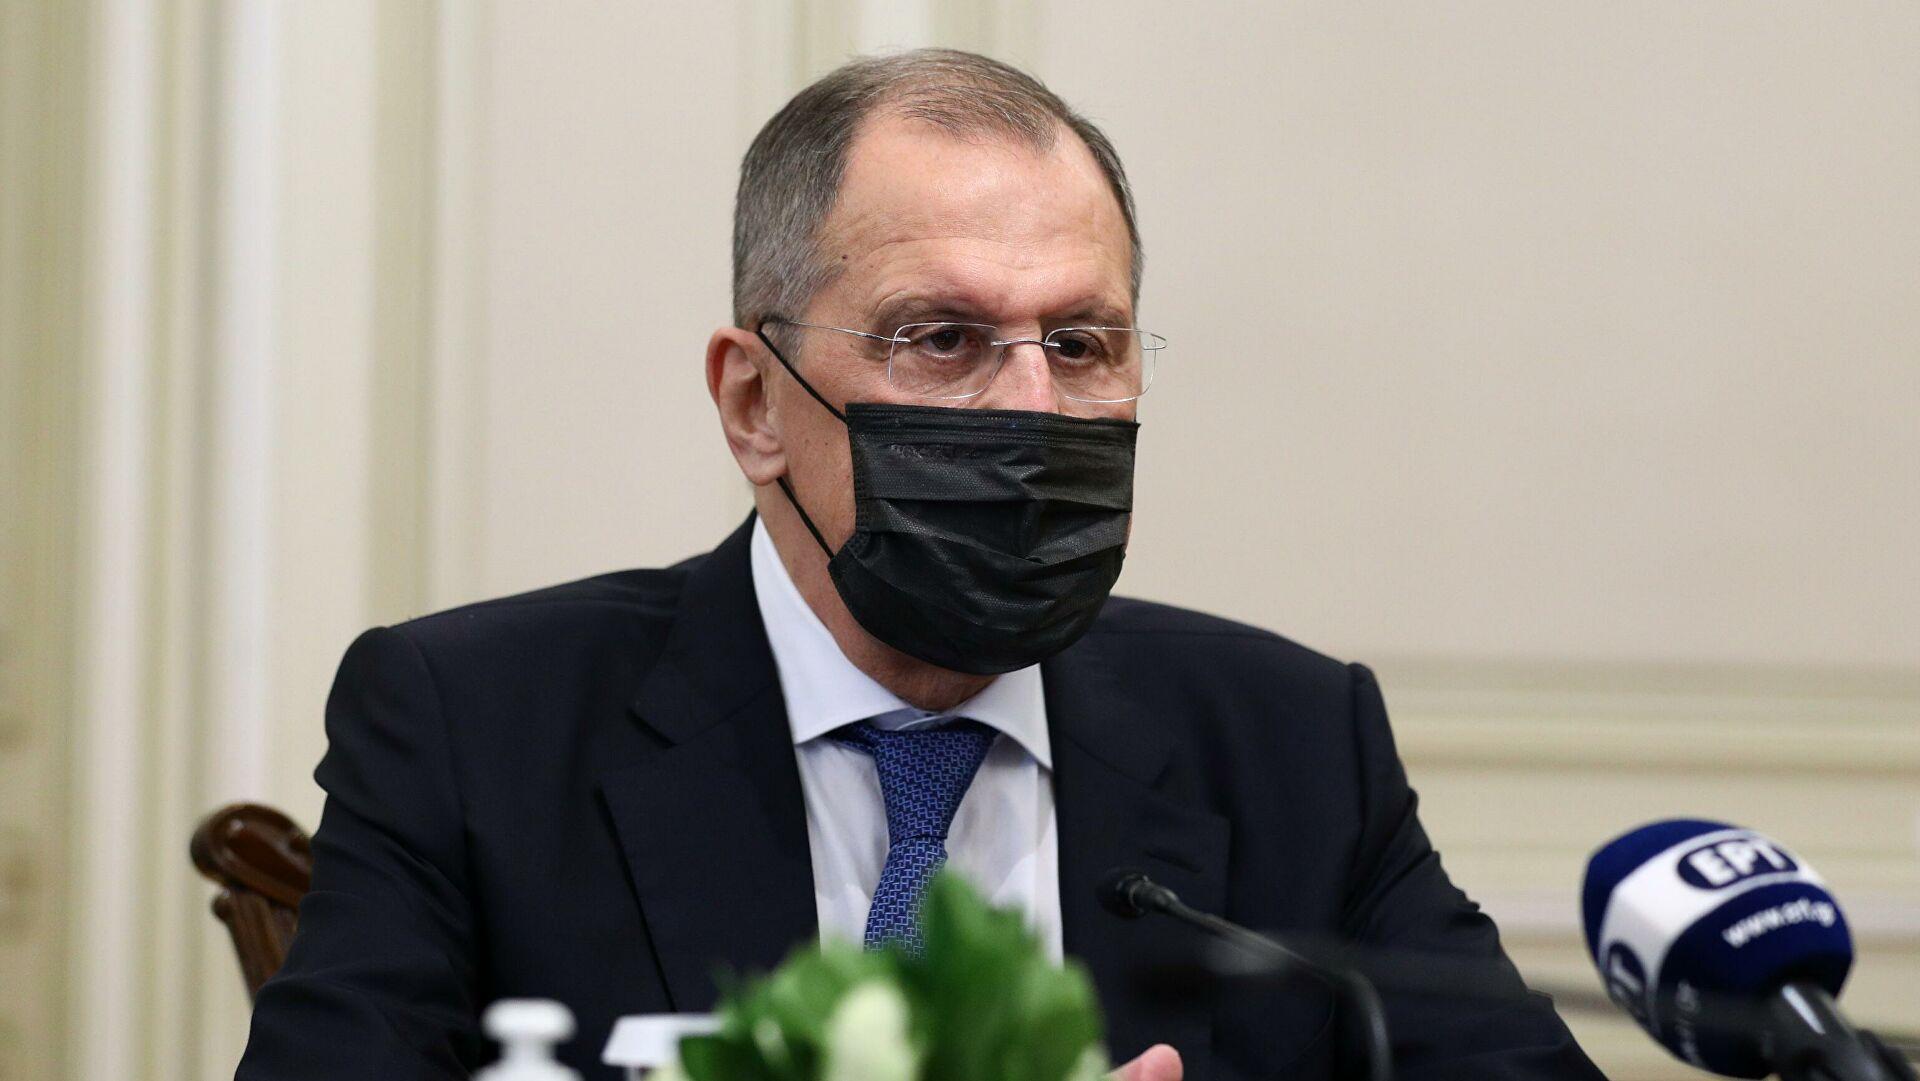 Rusija će uraditi sve što je u njenoj moći da ne dozvoli reviziju deklaracije o Karabahu